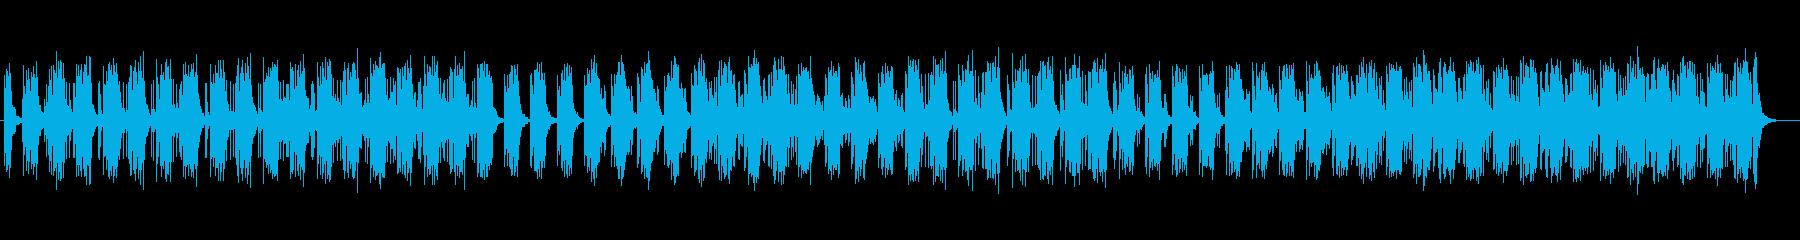 近未来的なベースが響くアップテンポの曲の再生済みの波形